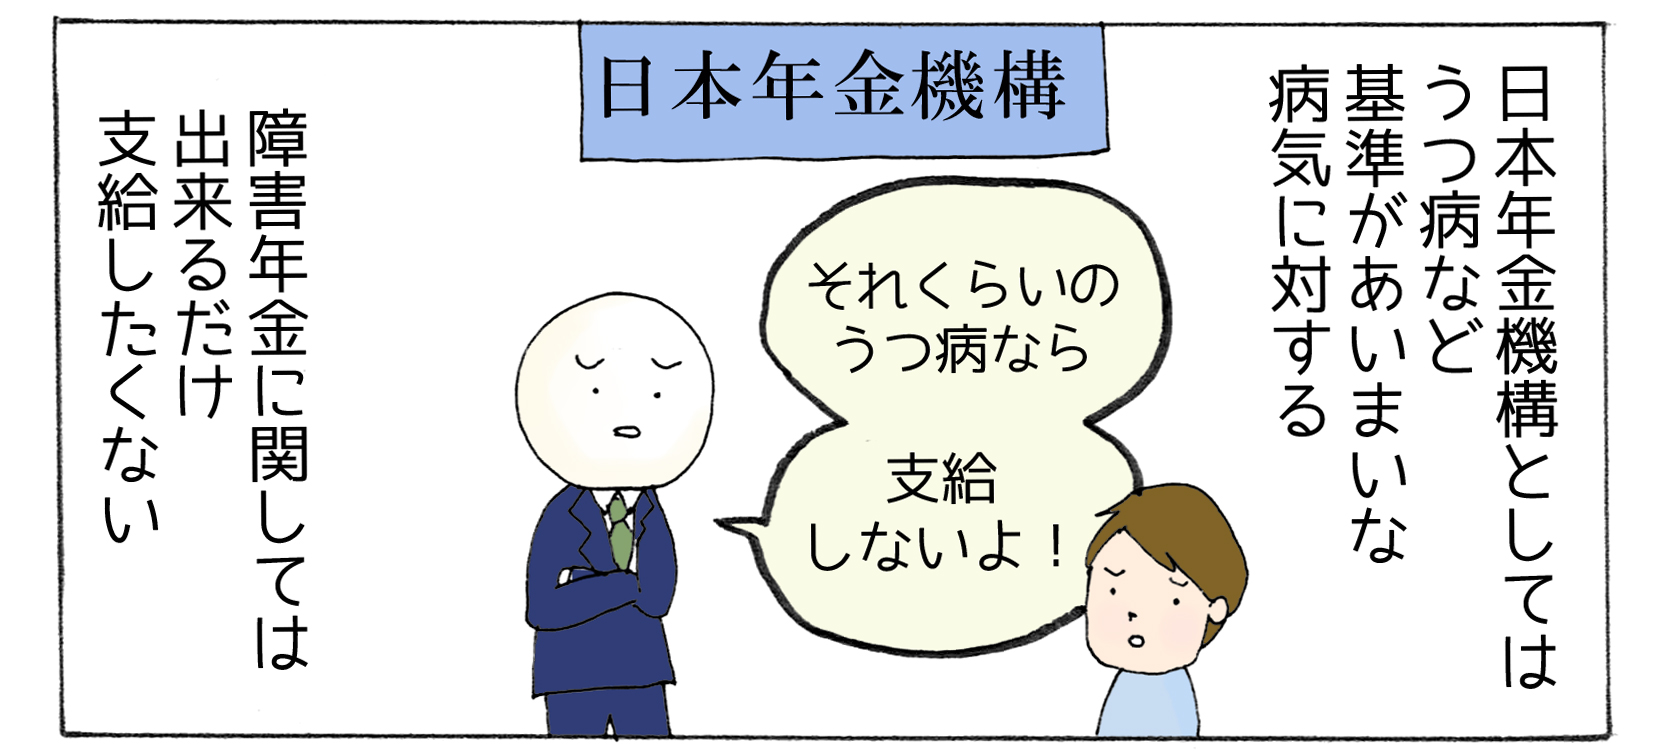 日本年金機構はうつ病に障害年金を支払いたくない